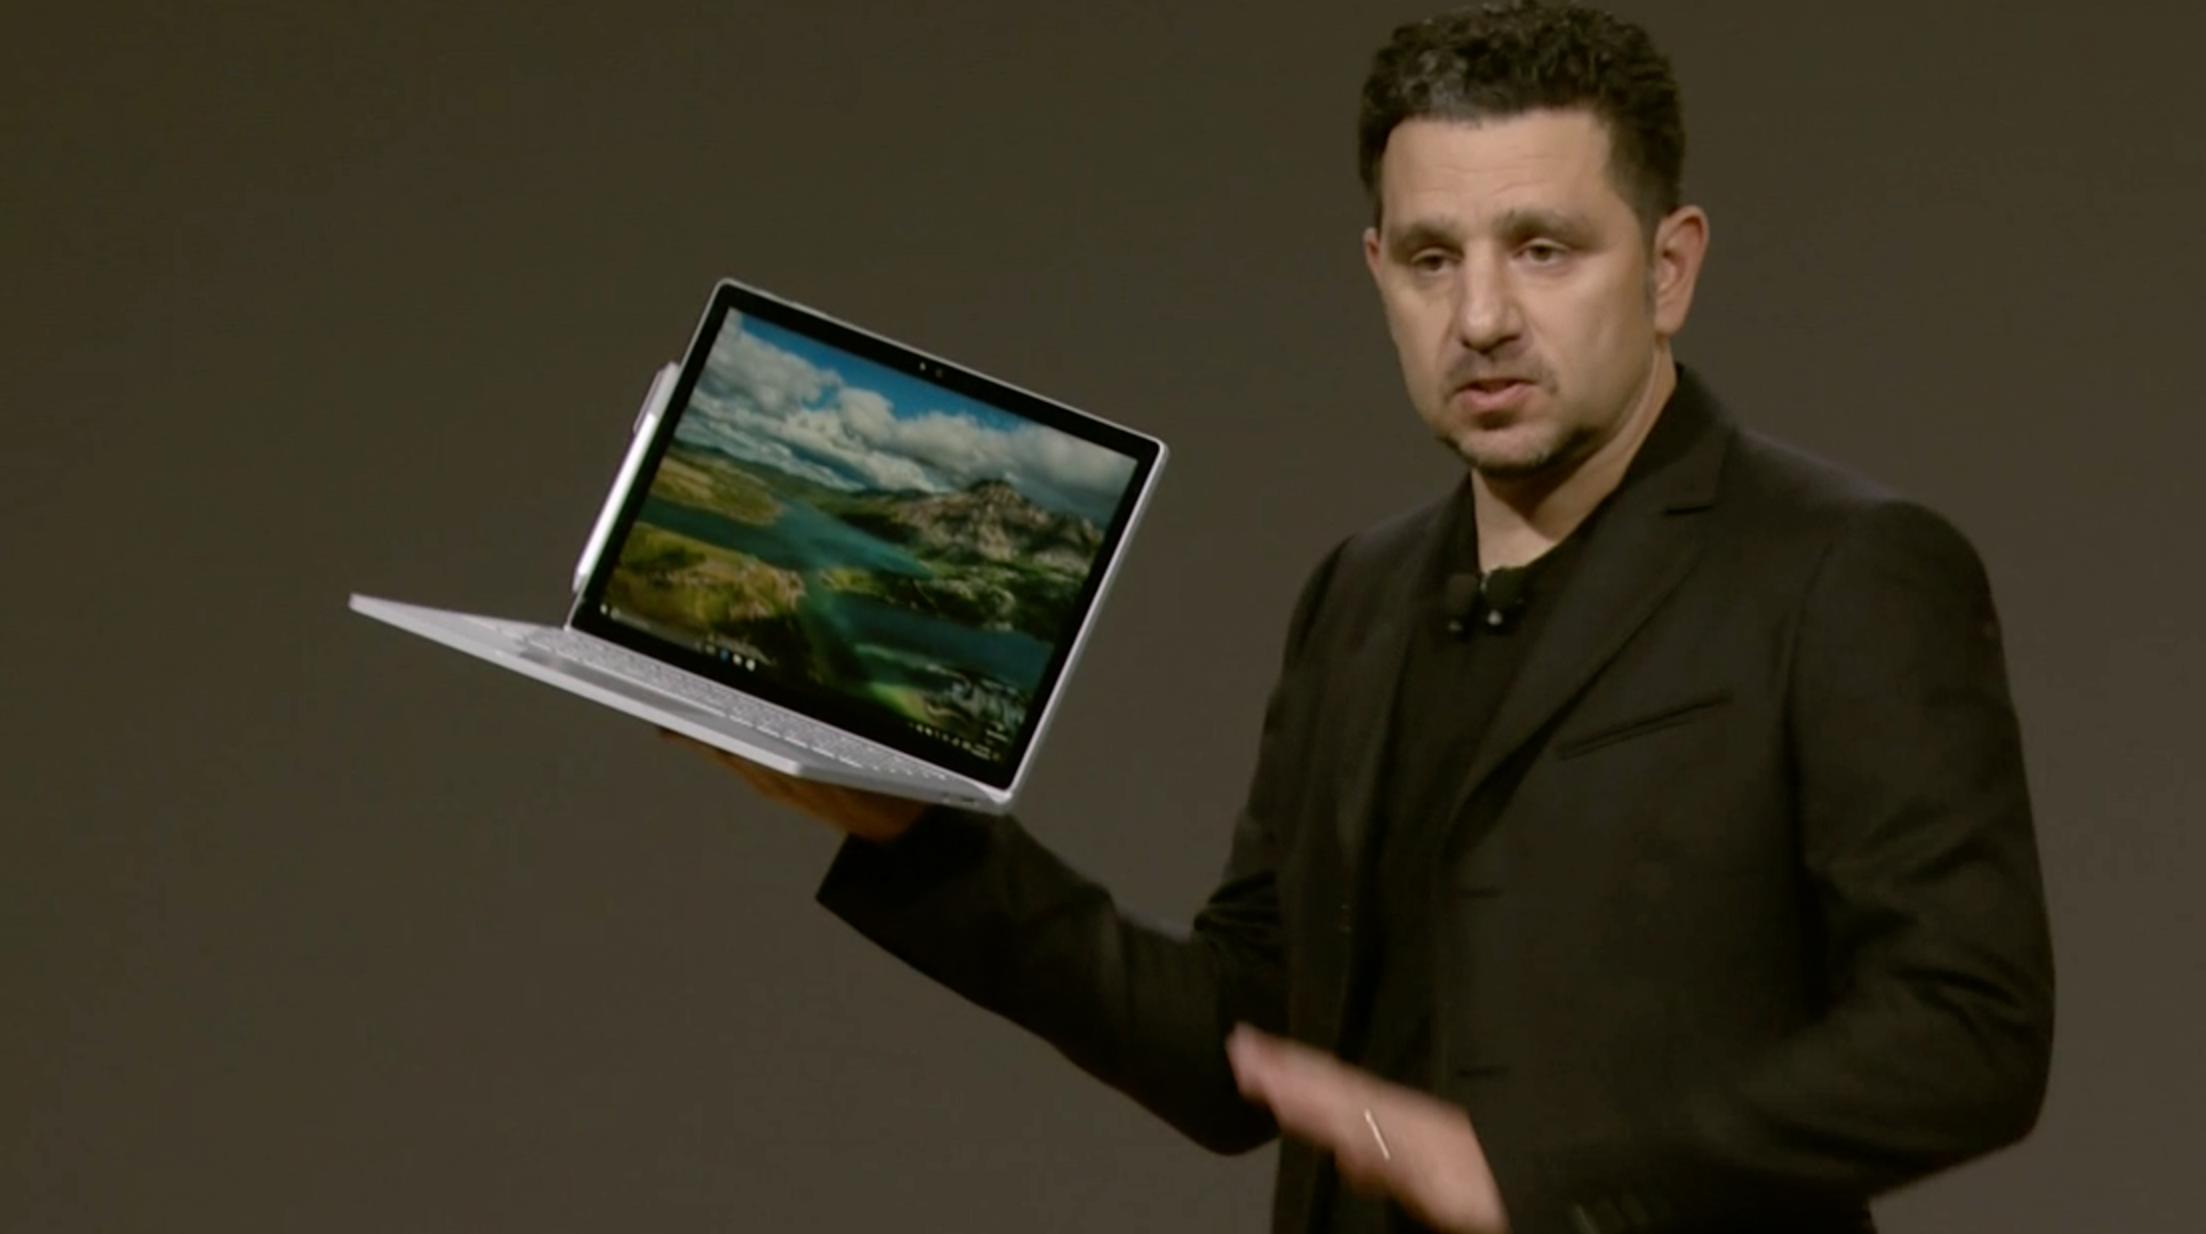 Nye Surface Book med Intel Core i7. Bilde: Stein Jarle Olsen, Tek.no